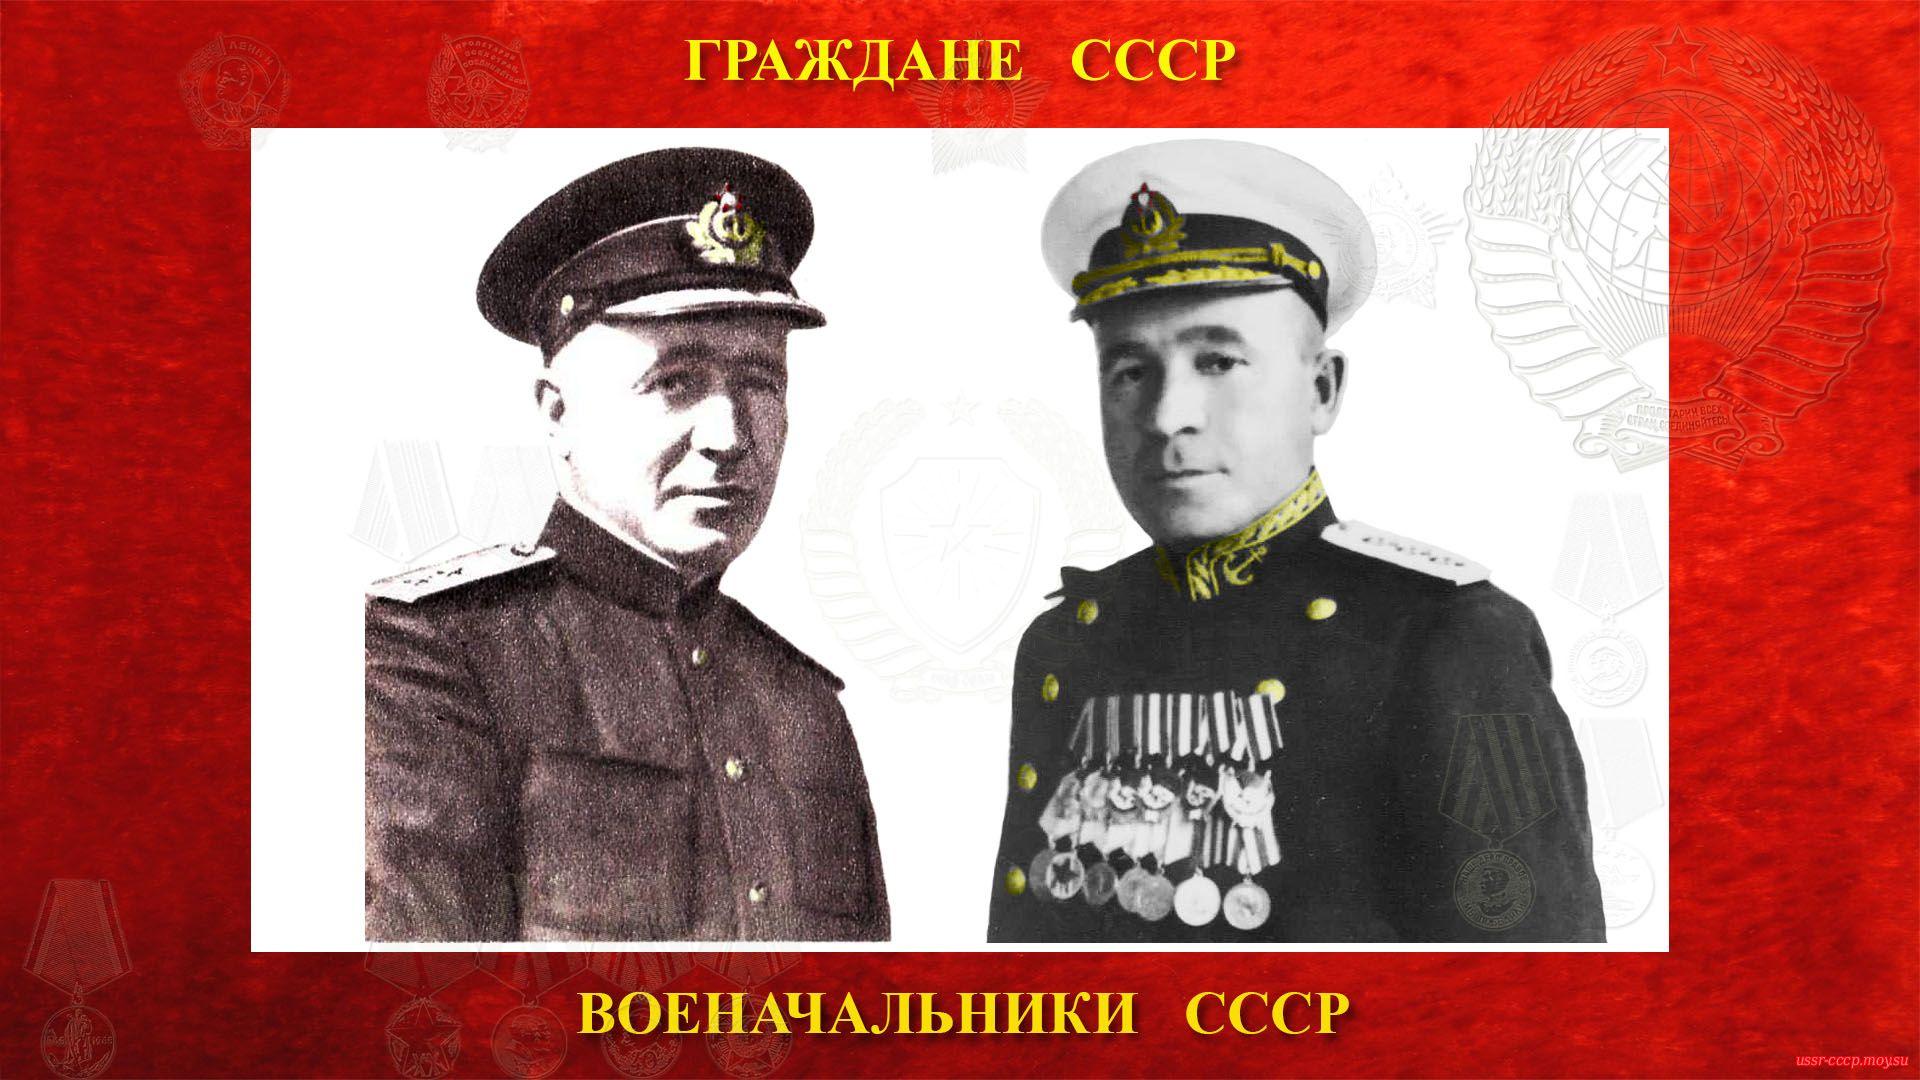 Басистый Николай Ефремович — Советский военачальник — Адмирал СССР (22.05.1898 — 20.10.1971)